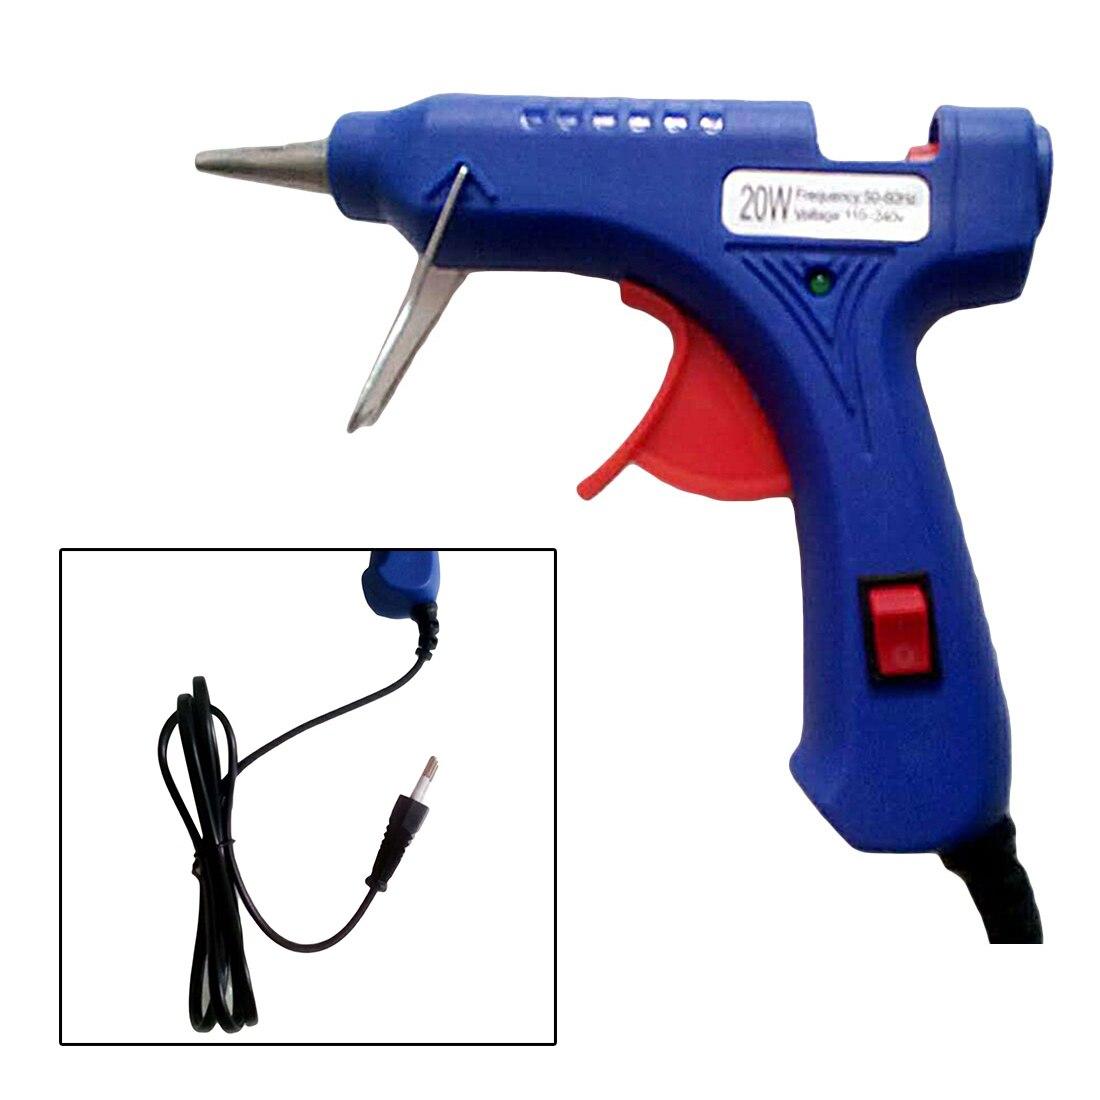 20 Вт ЕС синий расплава клеевой пистолет промышленные мини пистолеты термо Электрический тепла температура инструмент